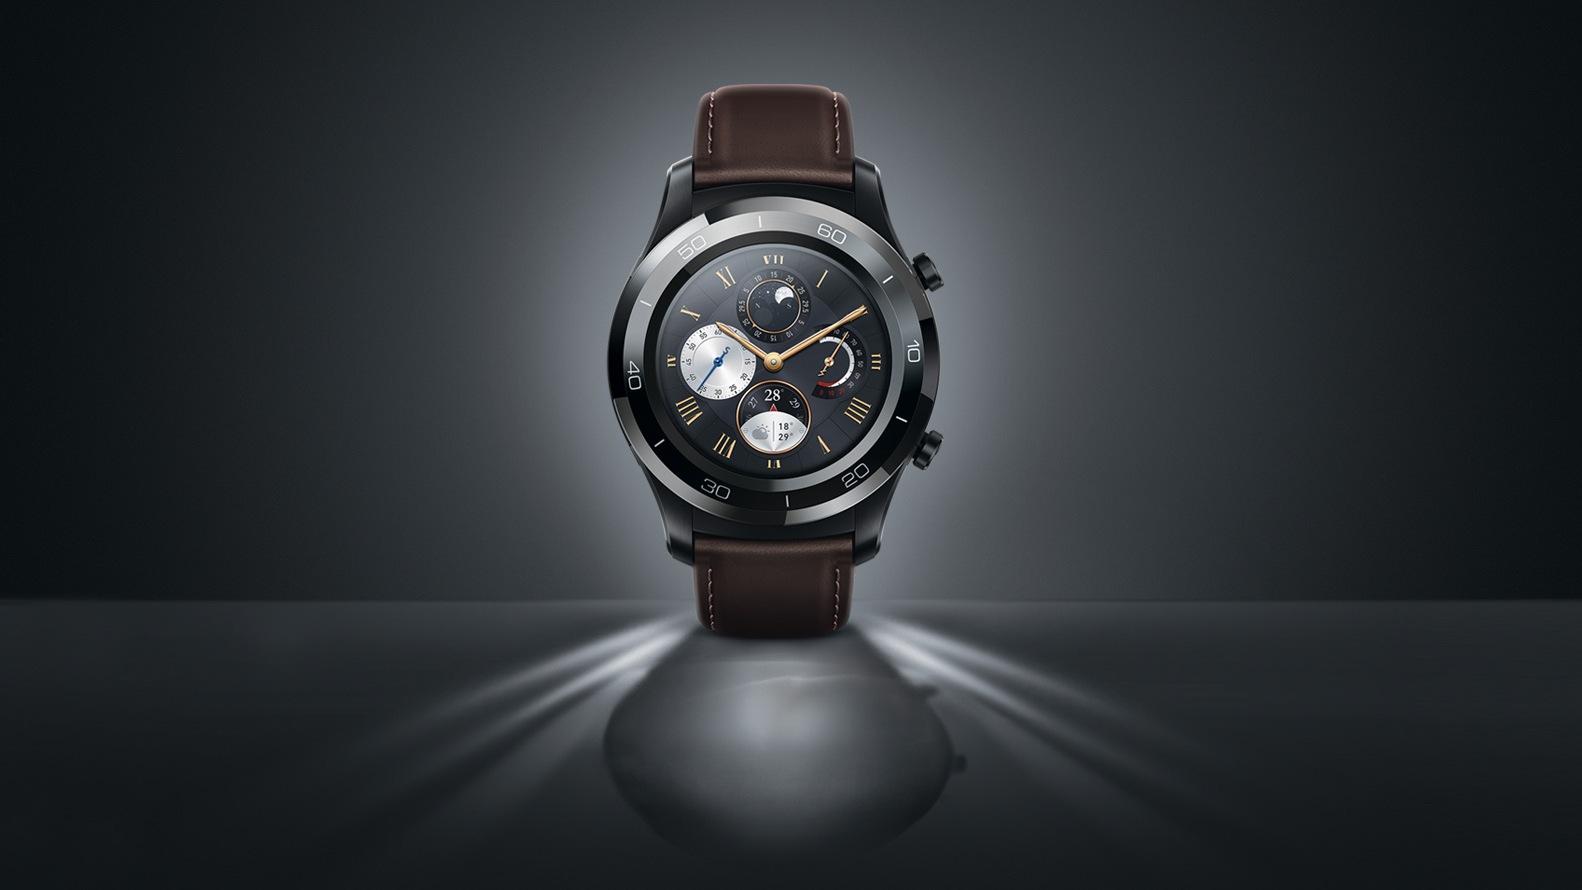 Huawei smartphone Watch